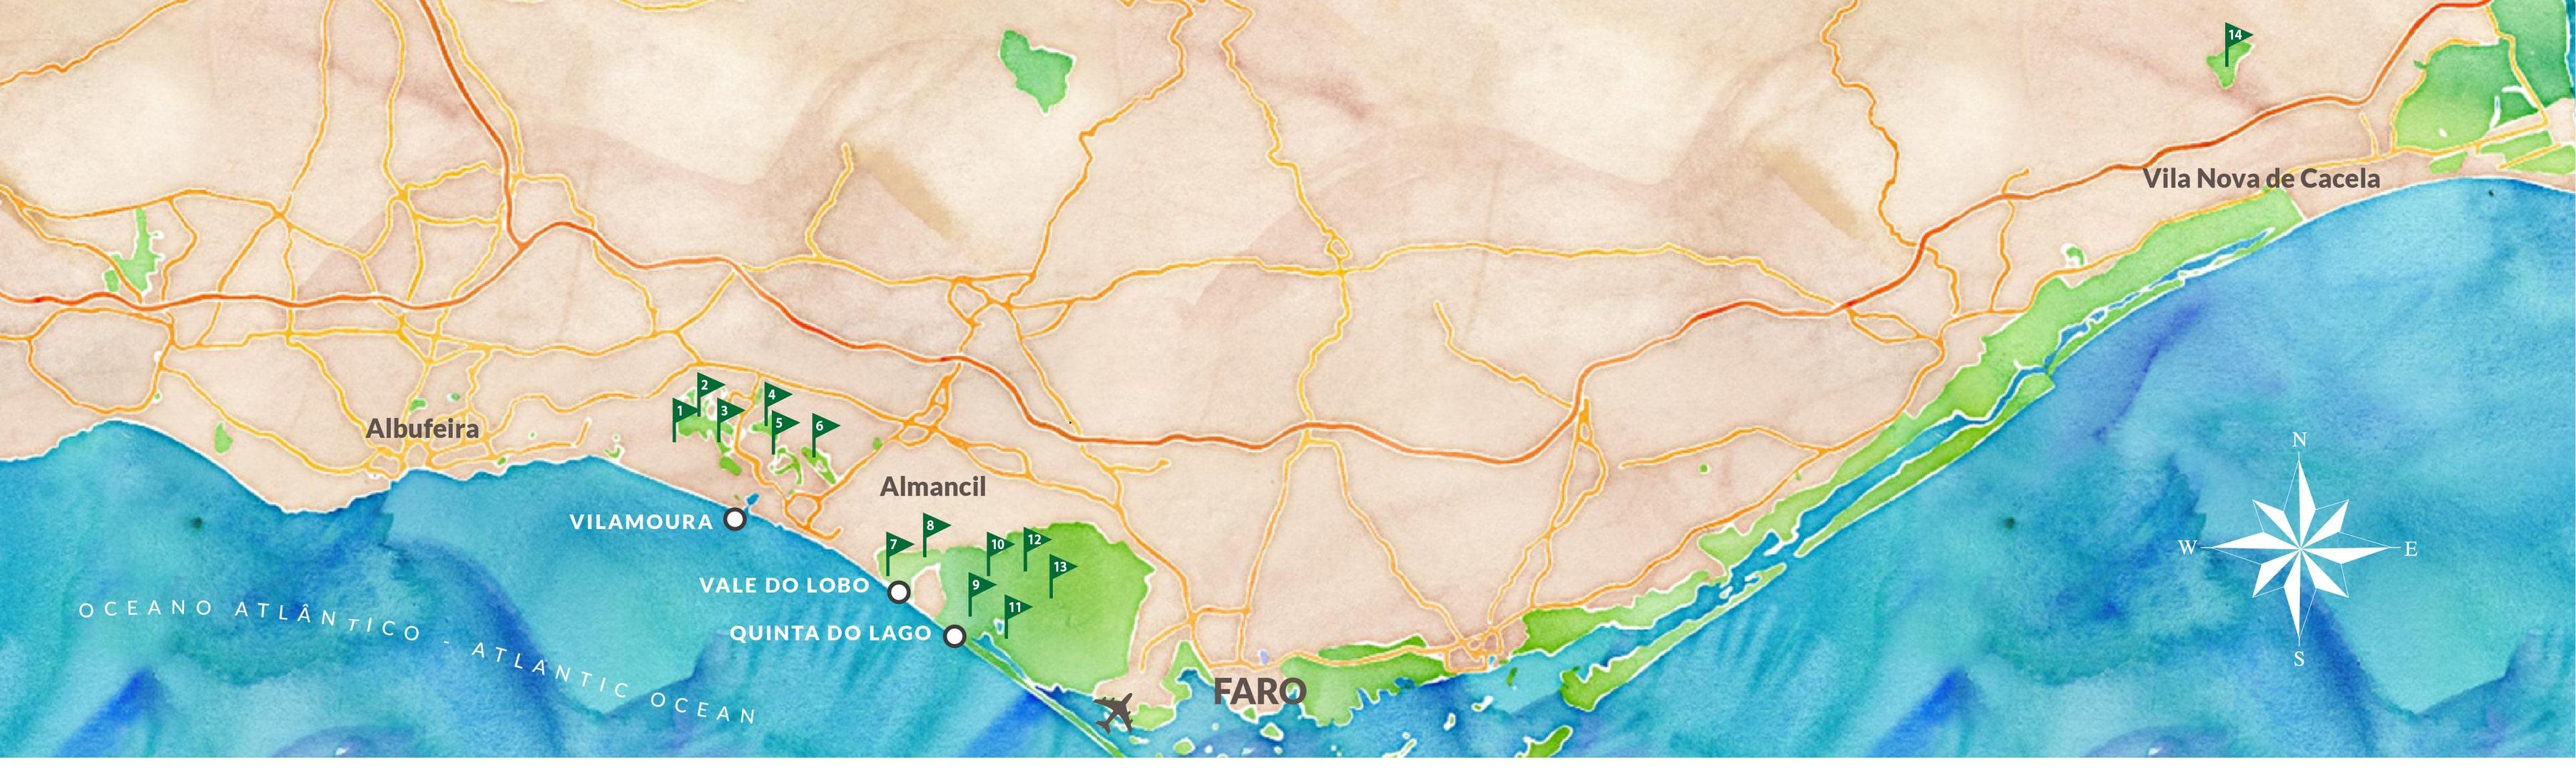 Waratha-algarveleisure-golfmap_02